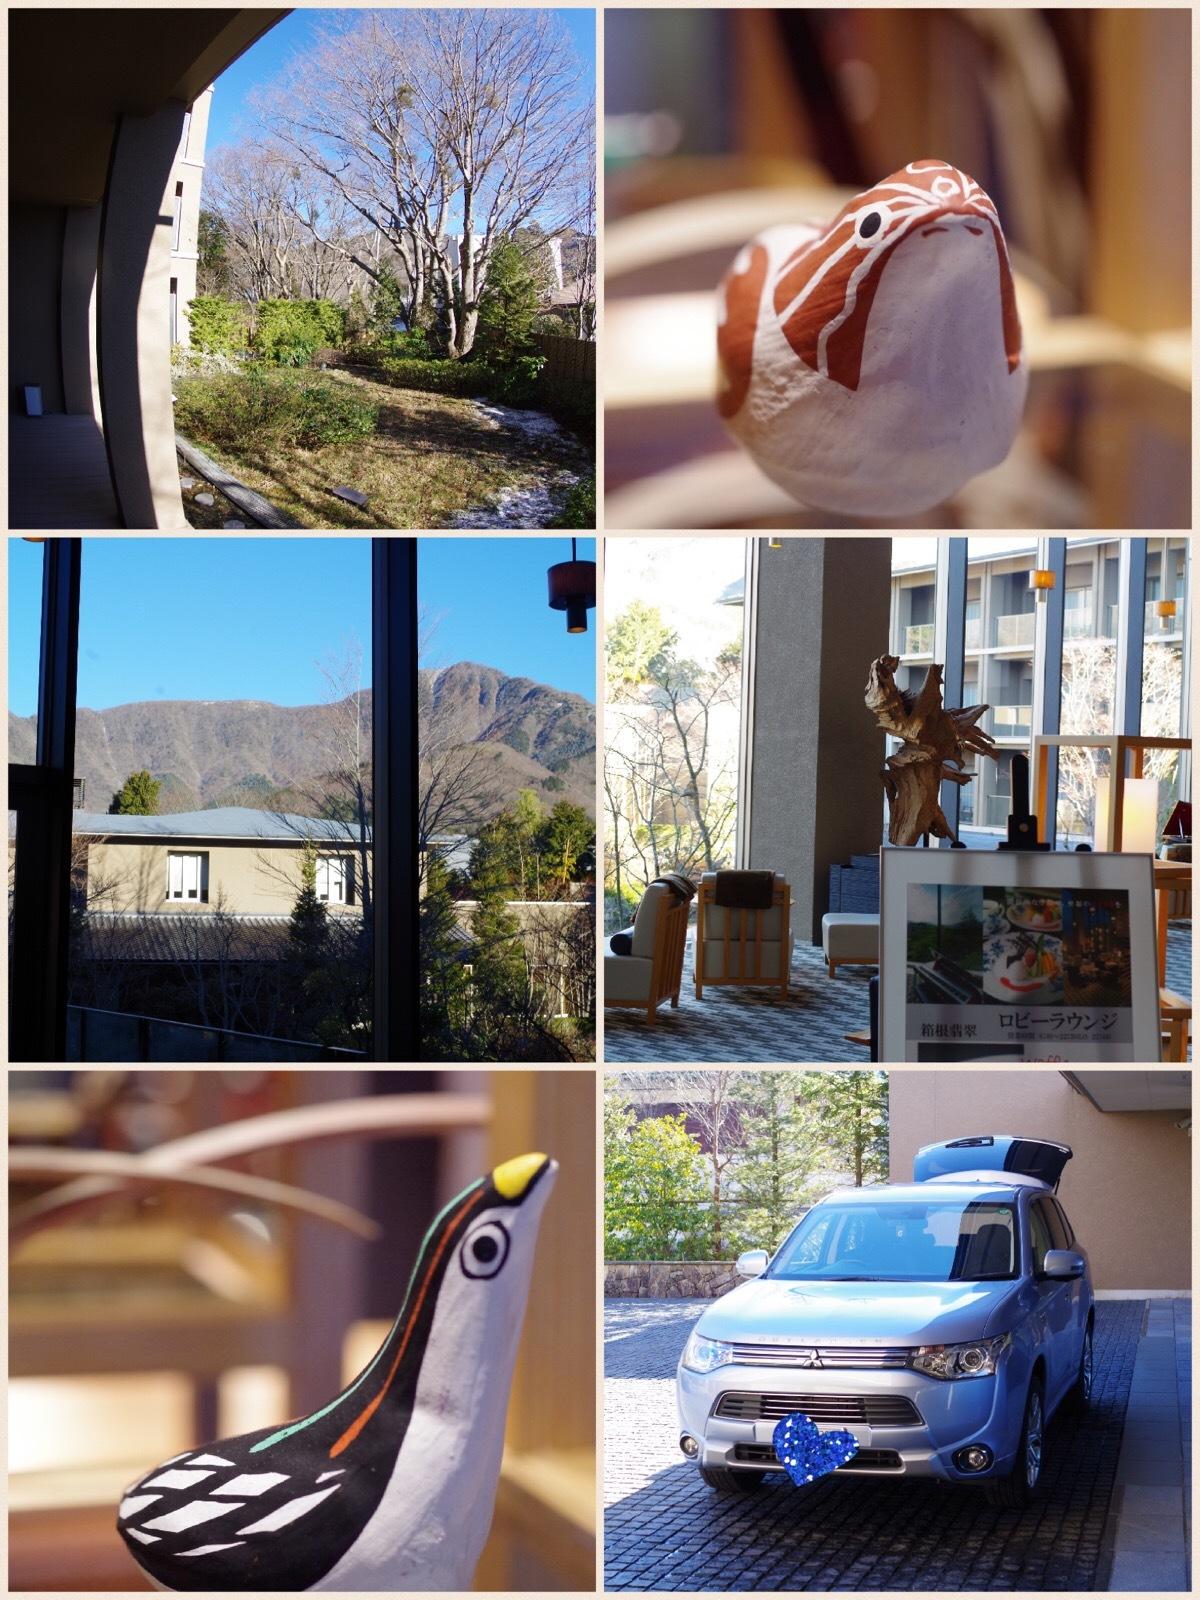 箱根ドライブ旅行 東急ハーヴェスト箱根翡翠